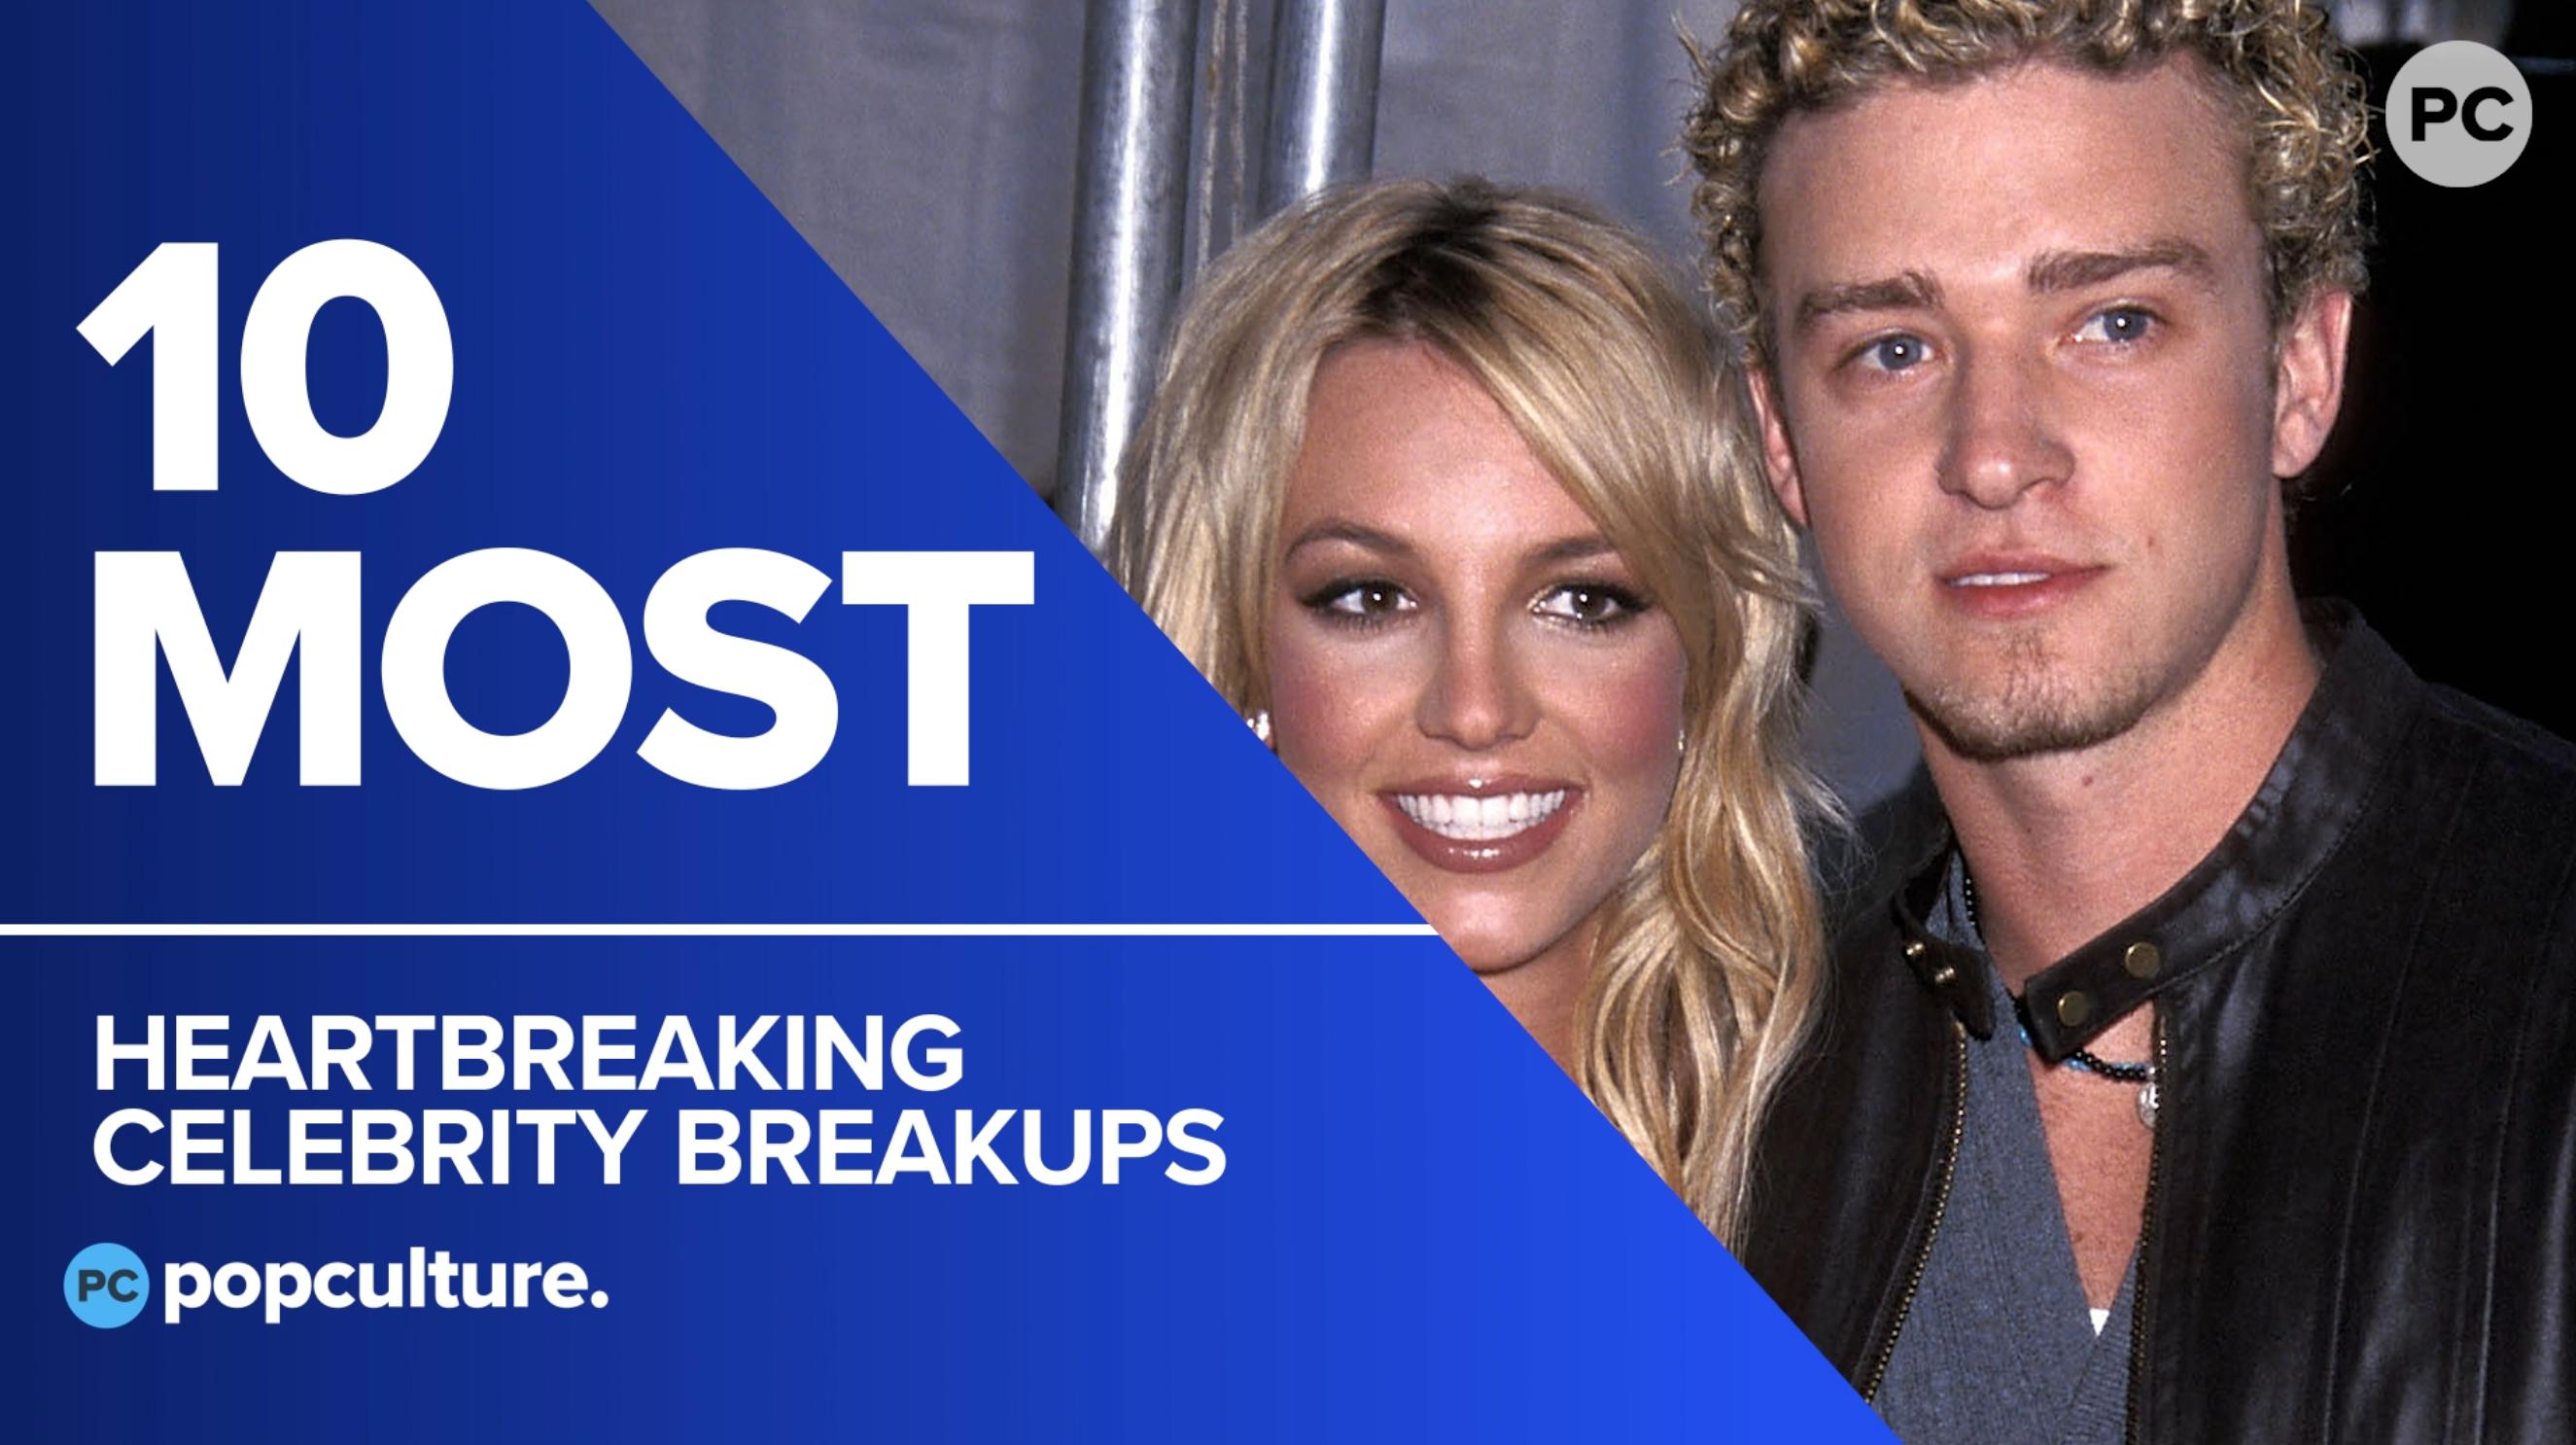 10 Most Heartbreaking Celebrity Break-Ups screen capture